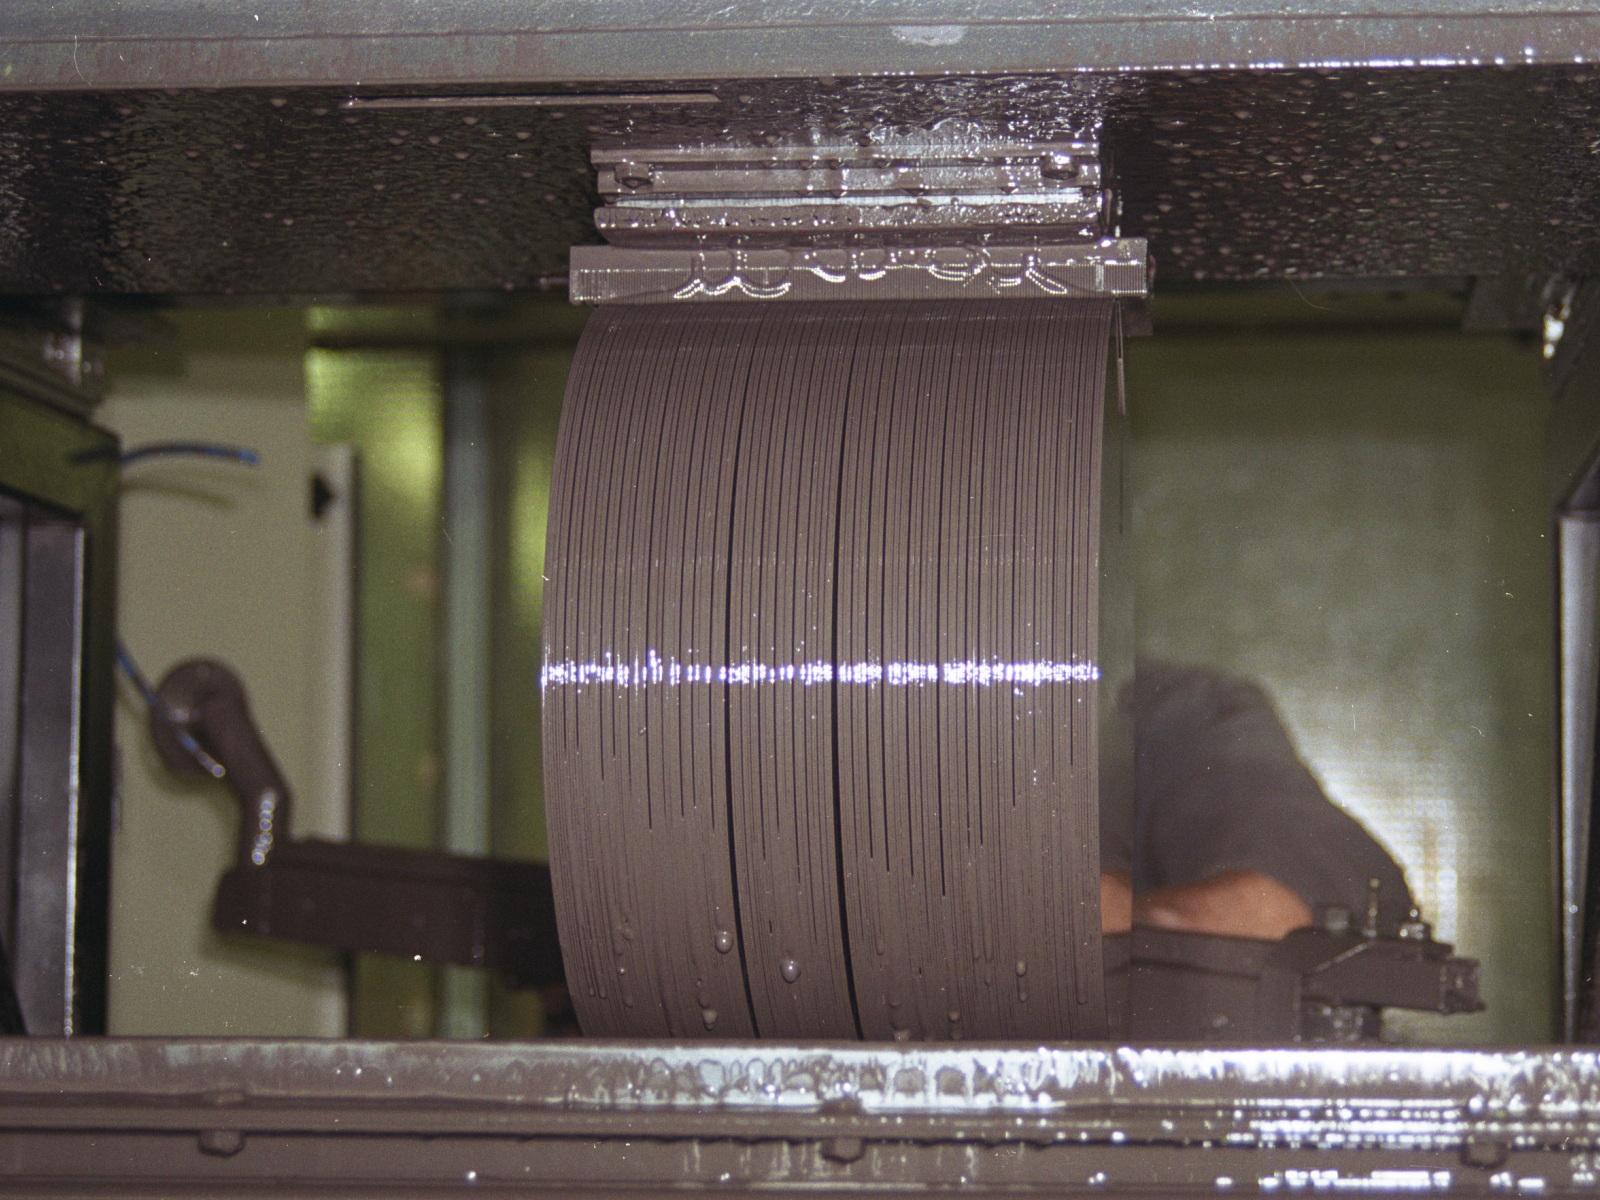 Silicon ingot slicing